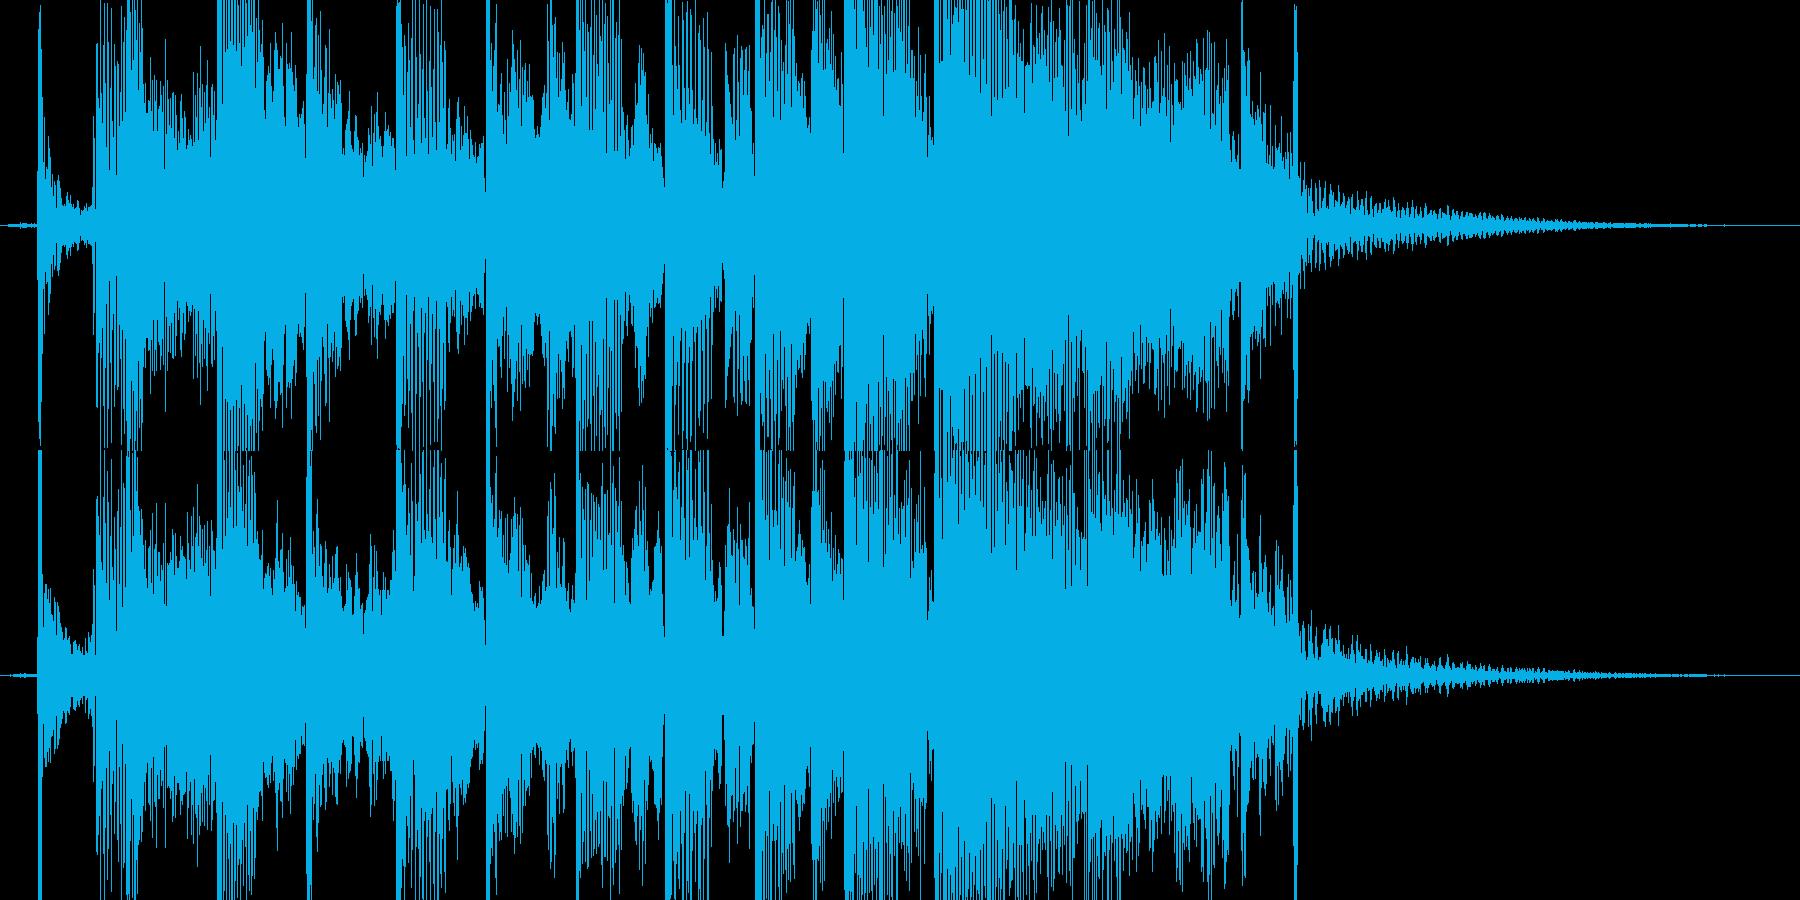 【ジングル】コミカルなジングルの再生済みの波形